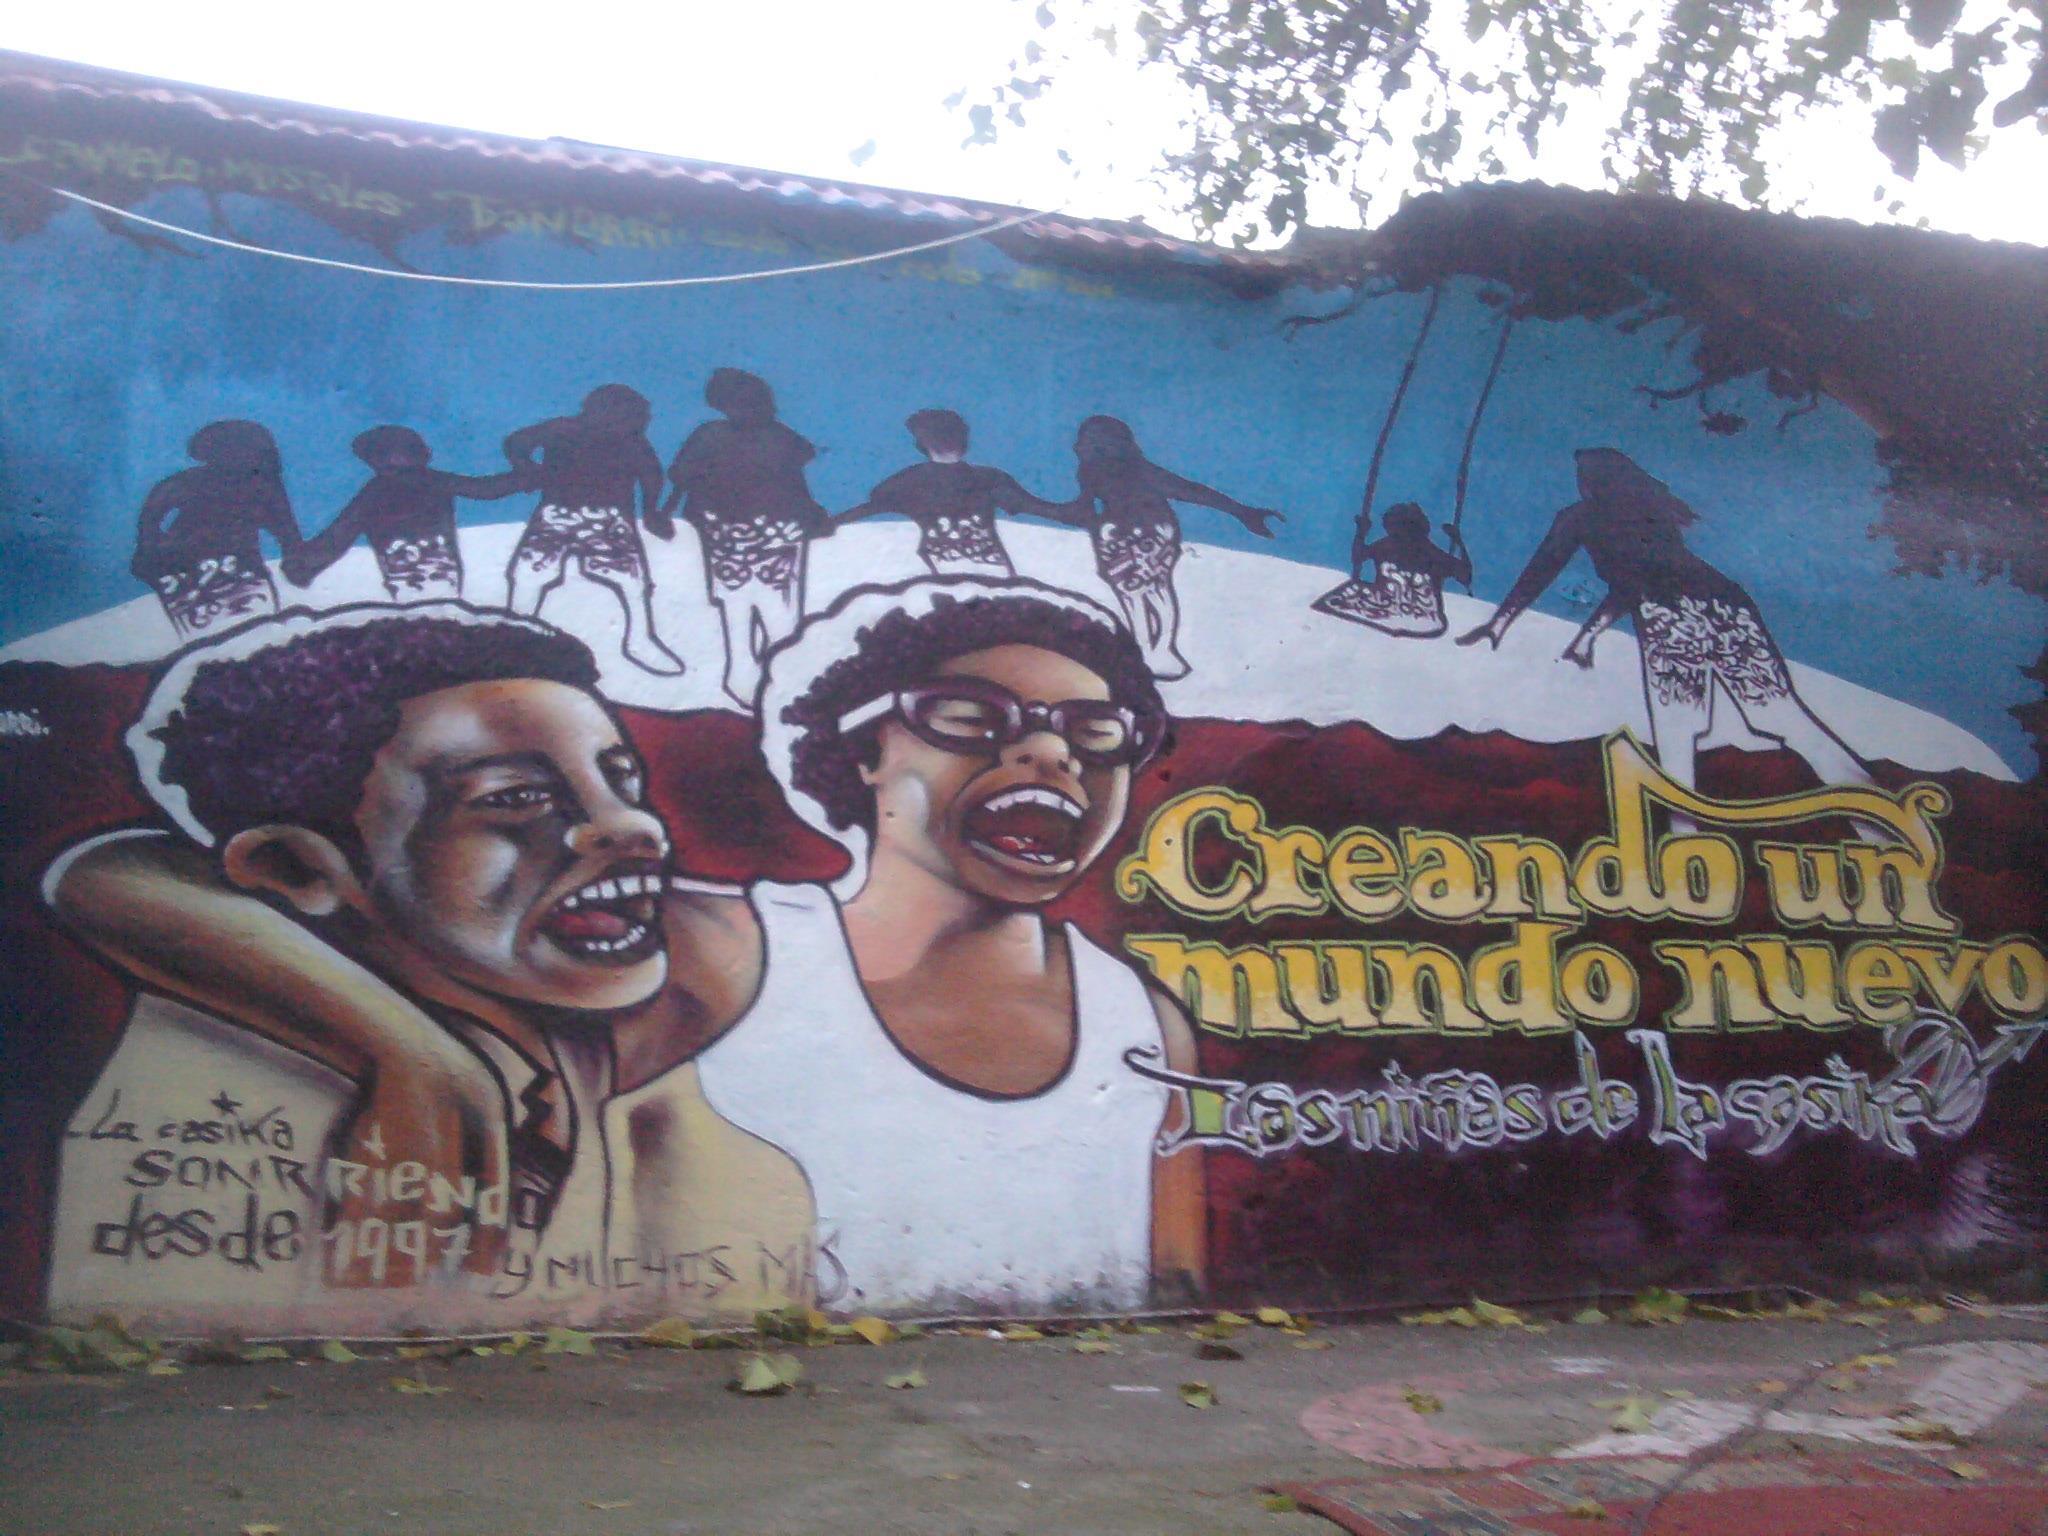 creando un mundo nuevo graffiti en el escenario de la casika